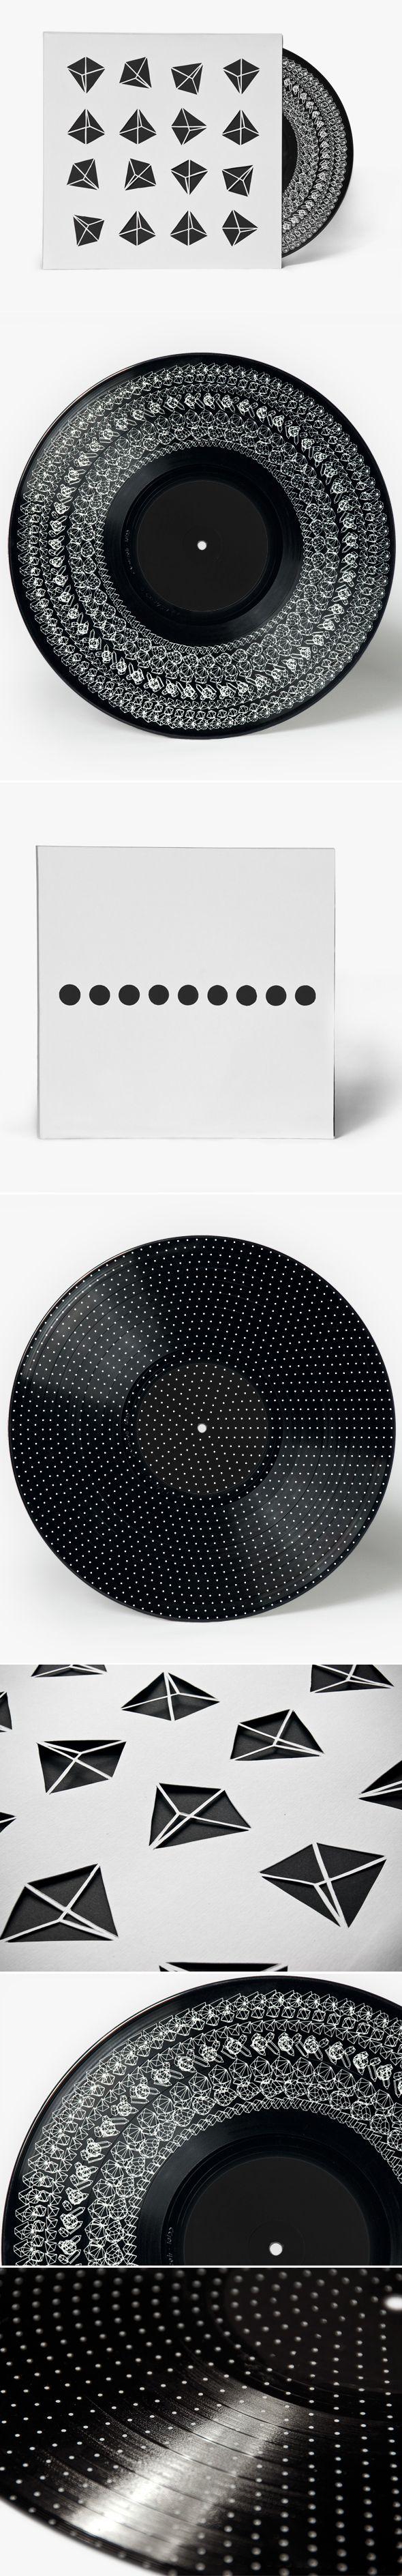 Le designer danois Michael Hansen est à l'origine de ce magnifique disque vinyle imprimé sur les 2 faces afin de « visualiser » la musique. Michael Hansen a spécialement pensé ce vinyle pour le compositeur de musique classique contemporaine, Allan Gravgaard Madsen.